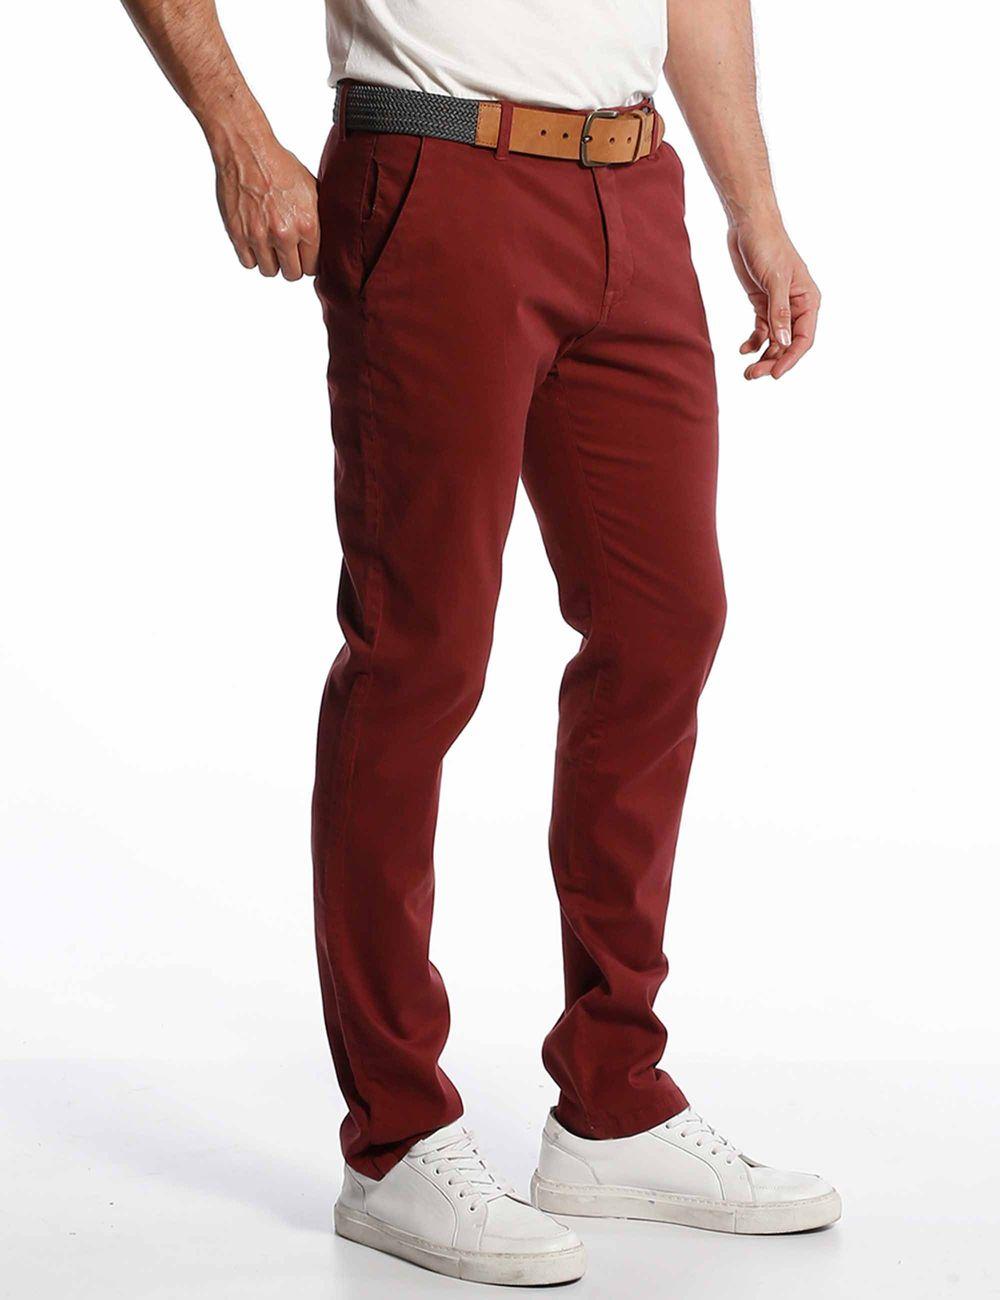 Pantalon Tela Hombre Chevignon En Sie7e Novomodecol